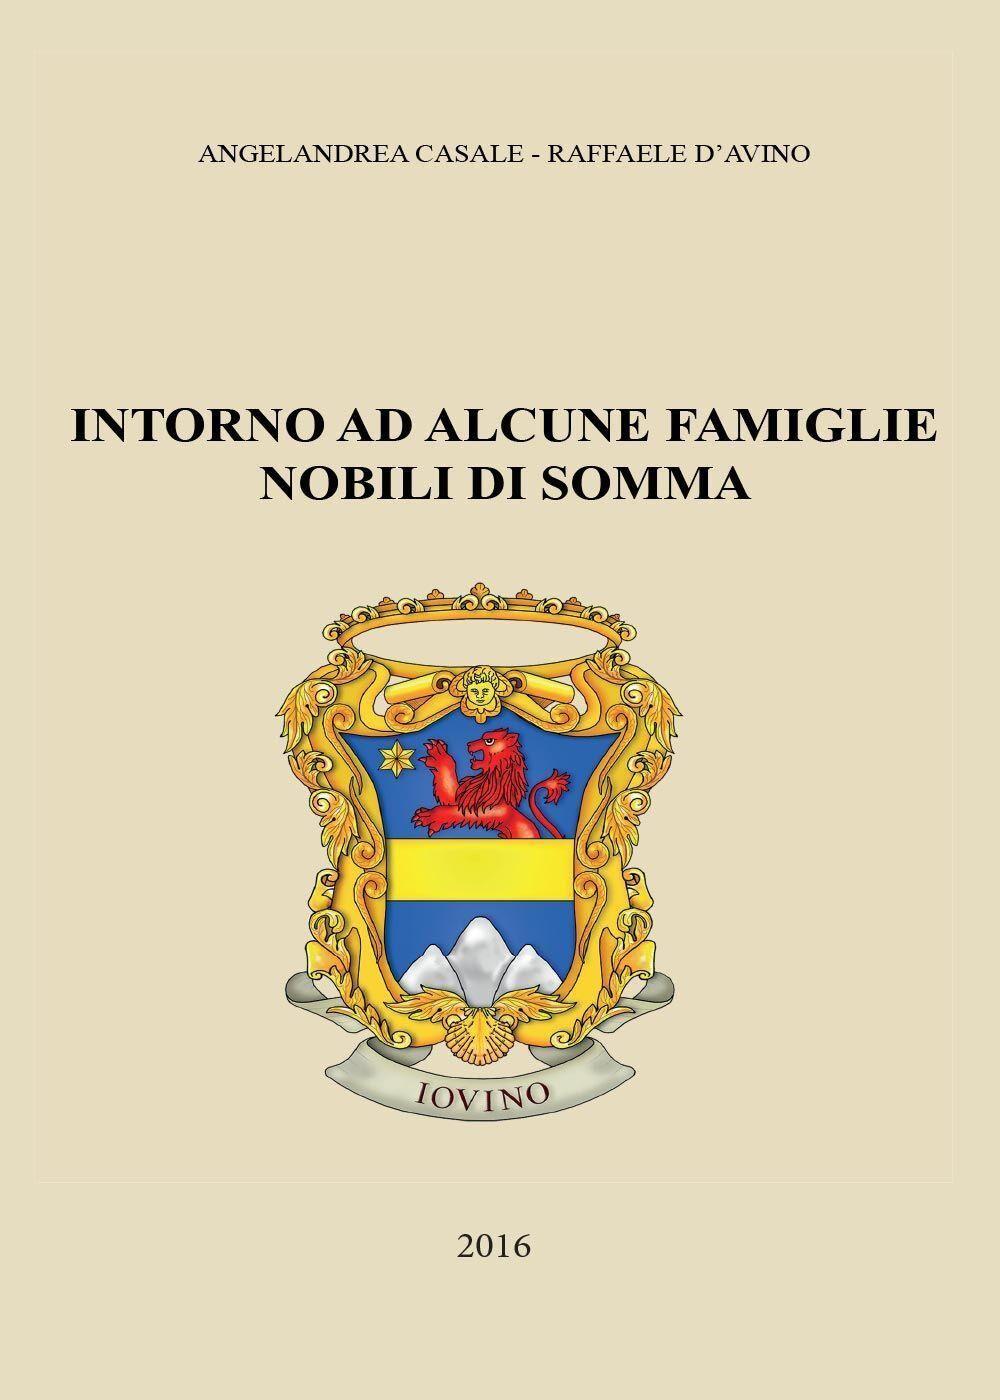 Intorno ad alcune famiglie nobili di Somma